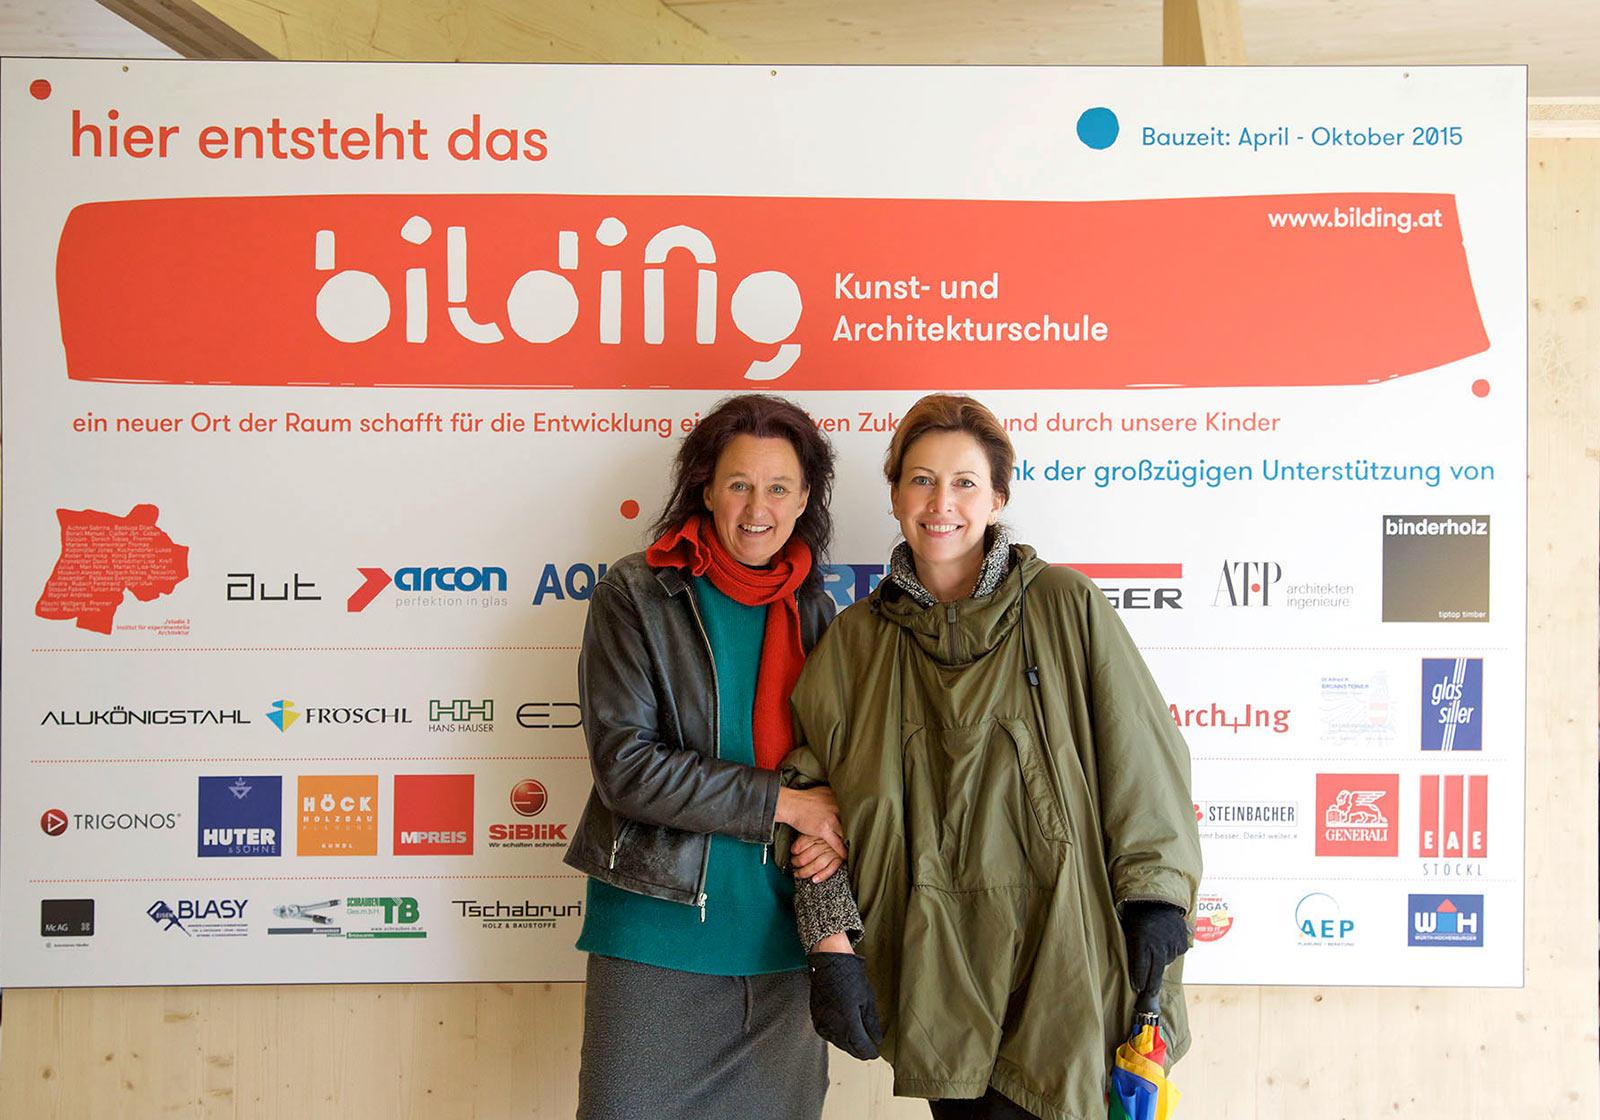 Monika Abendstein, Leiterin des bilding, gemeinsam mit Frau Achammer, Pressestelle ATP, vor der Sponsorwand. Foto: ATP